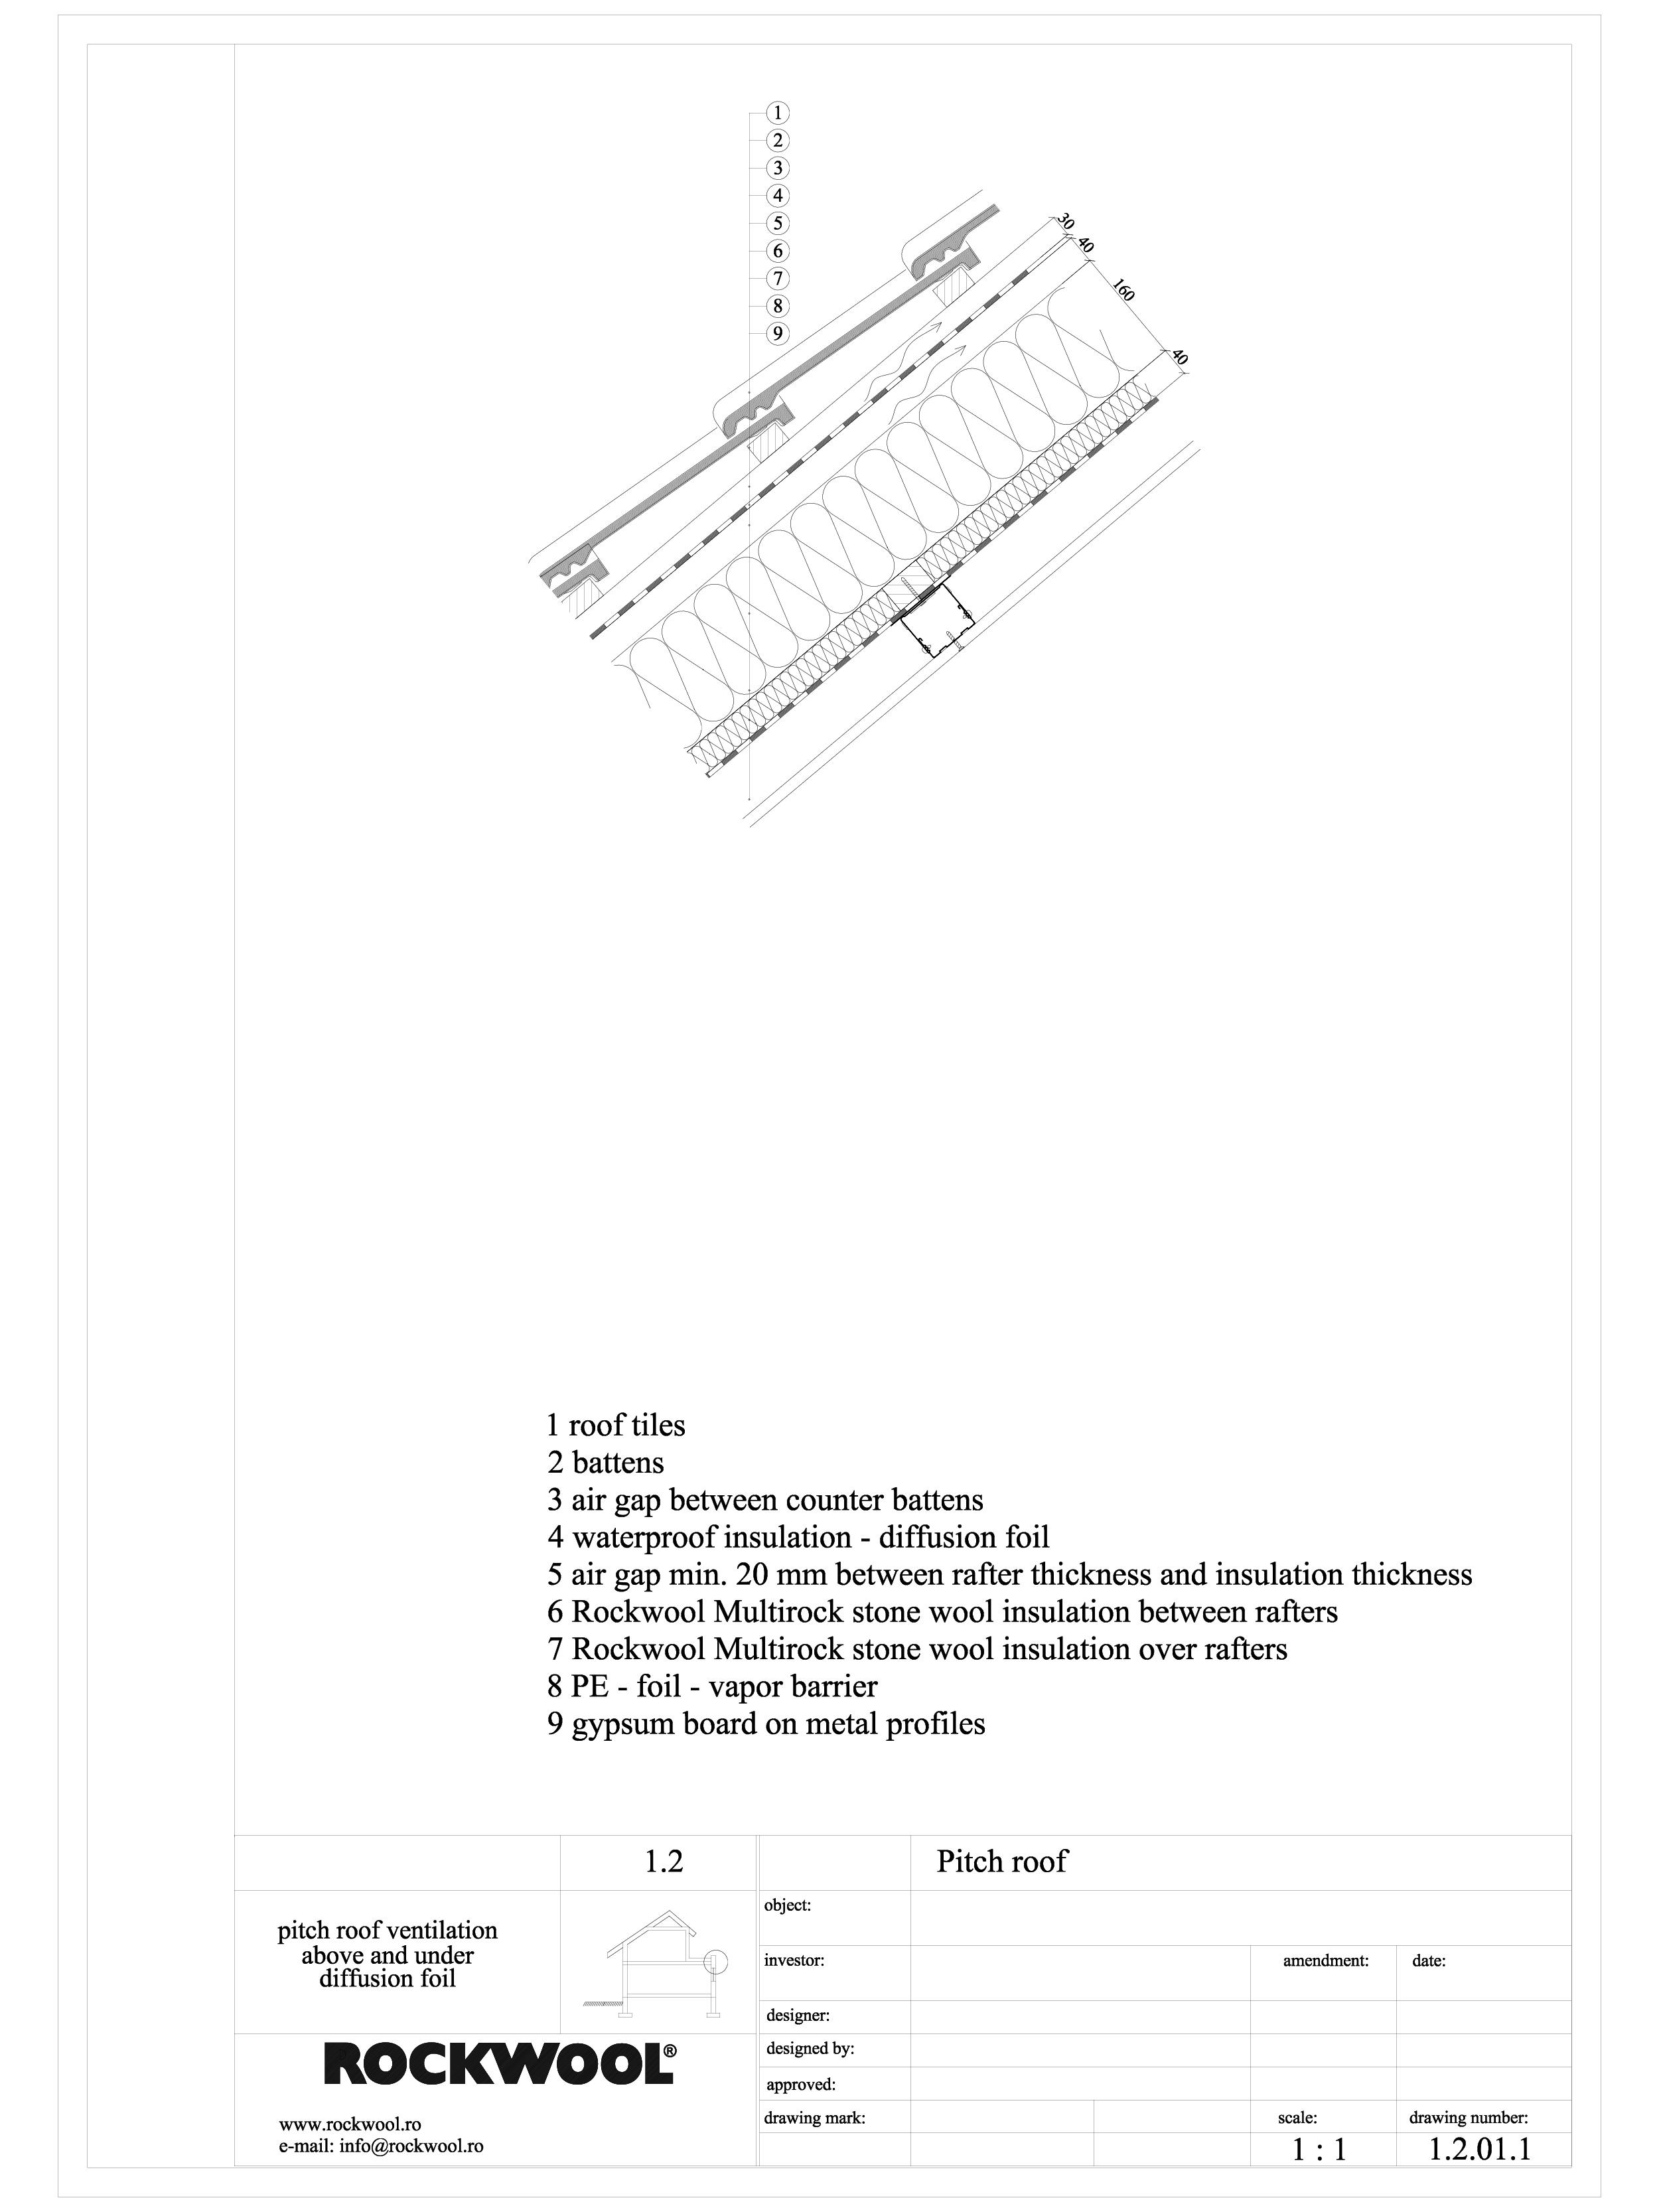 Termoizolarea acoperisului mansardat - detaliu spatiu de ventilare ROCKWOOL Termoizolatie vata bazaltica pentru acoperisuri ROCKWOOL ROMANIA  - Pagina 1